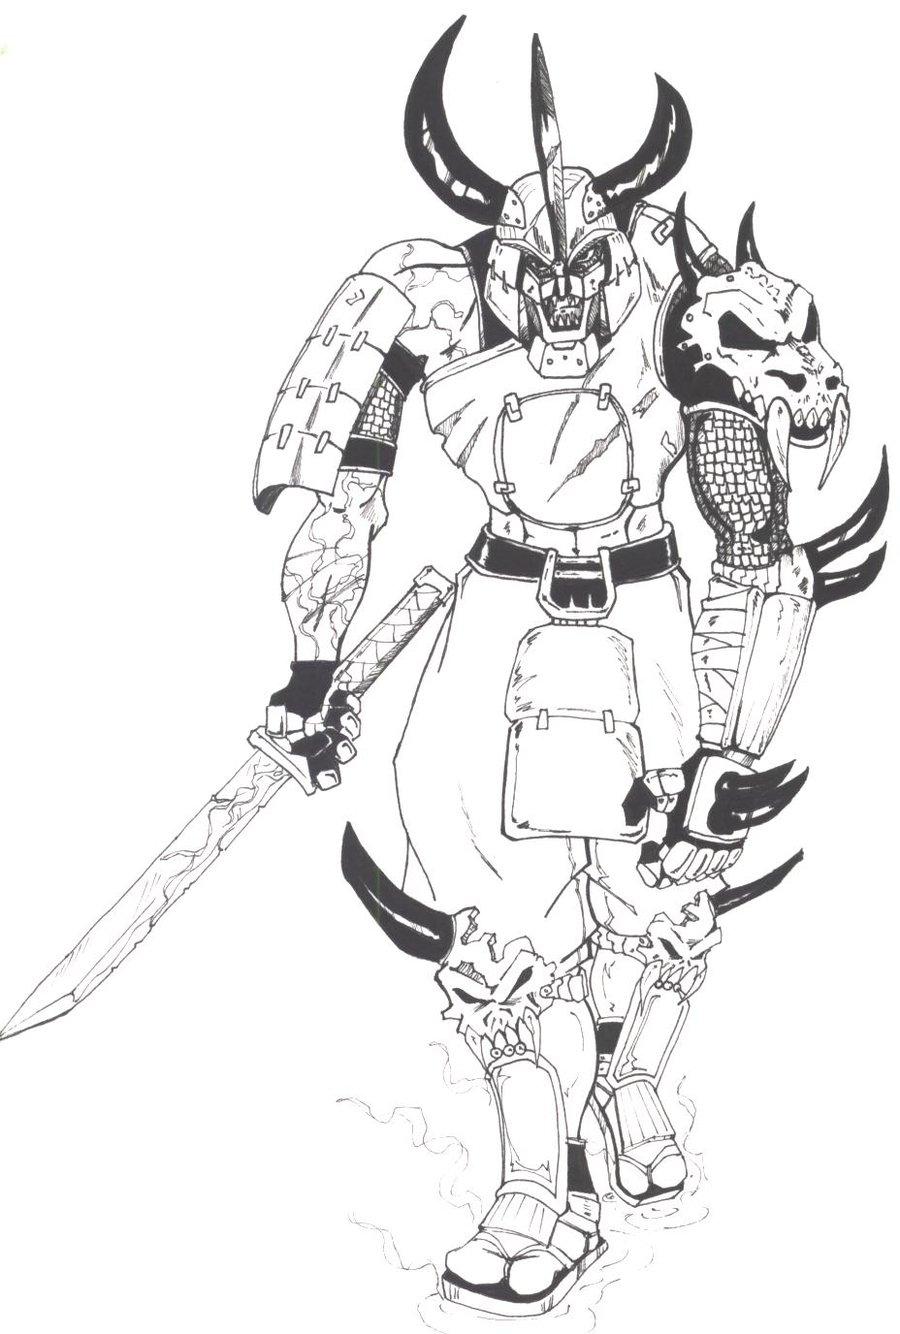 Drawn samurai demonic Mawnbak Demon Mawnbak by Samurai